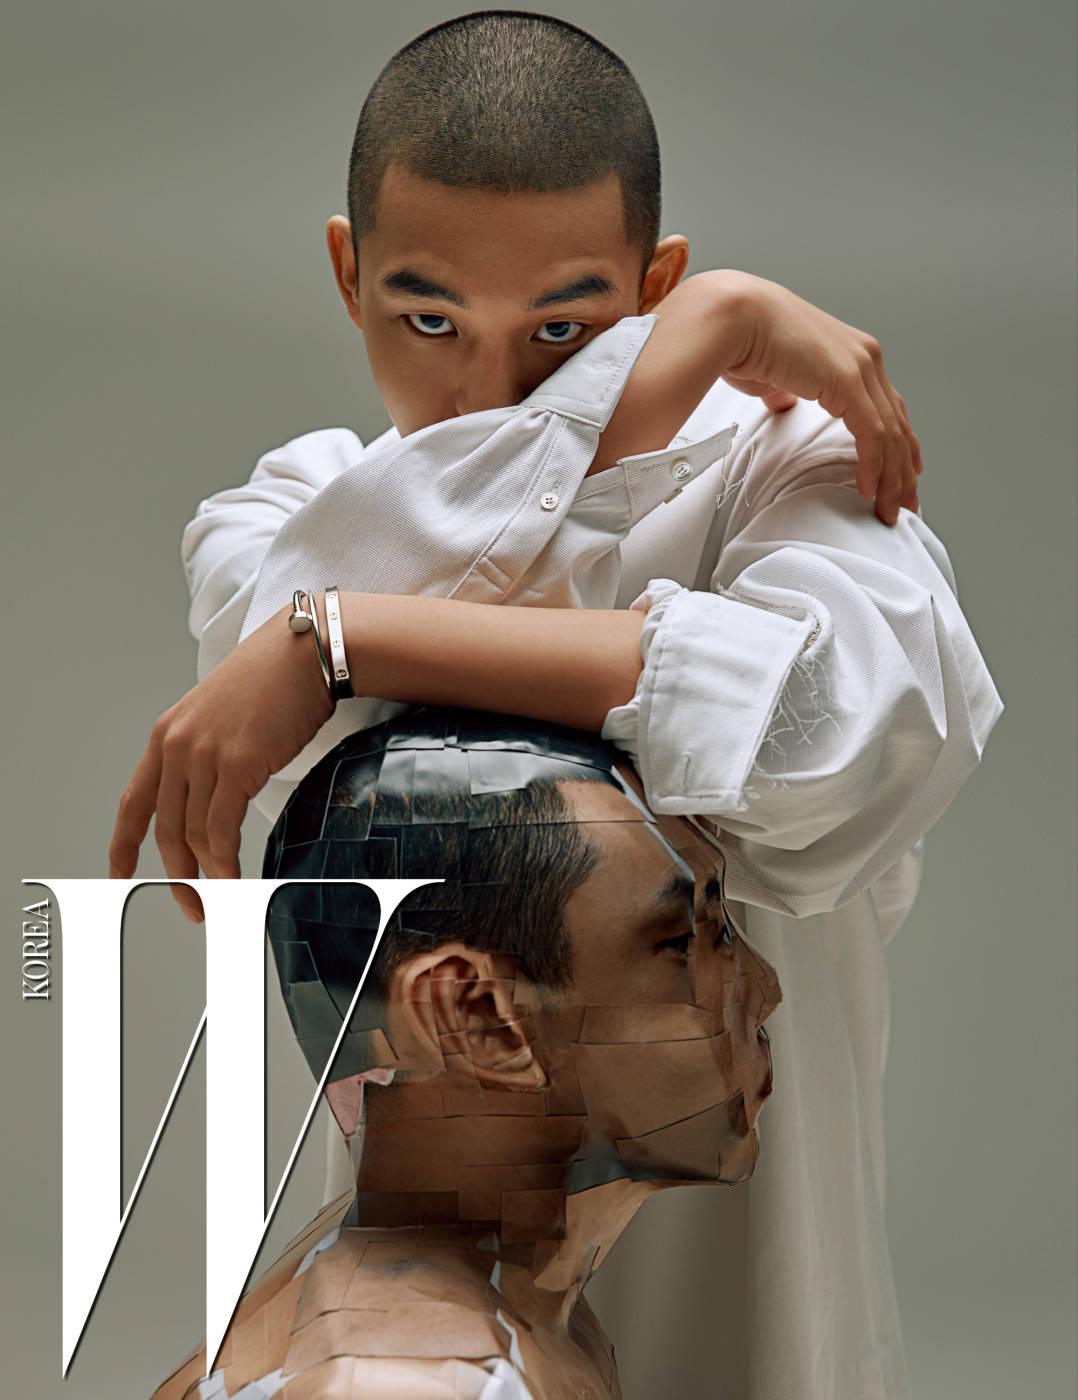 순결한 사랑과 아름다운 우정을 전하는 화이트 골드 소재의 러브 브레이슬릿, 리듬감 있는 대범한 곡선적 라인이 돋보이는 화이트 골드 소재의 저스트 앵 끌루 브레이슬릿은 Cartier 제품. 셔츠는 ORDINARY PEOPLE 제품.